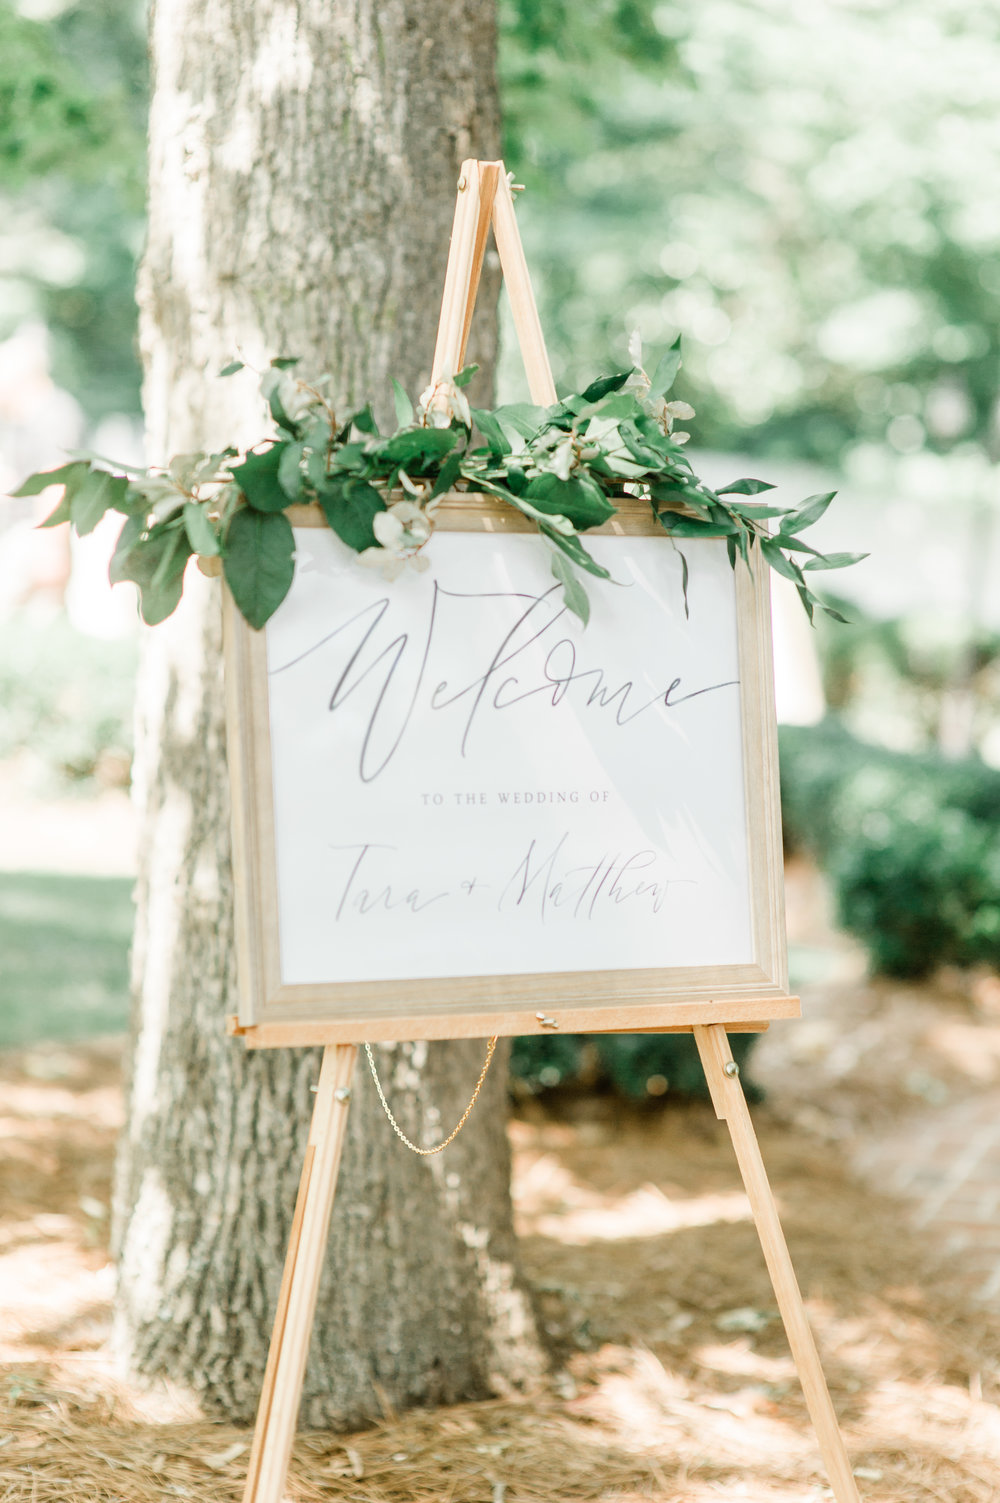 PhotographybyAngelaTucker-WhiteheadManorWedding-Tara&Matt-Ceremony0001.jpg